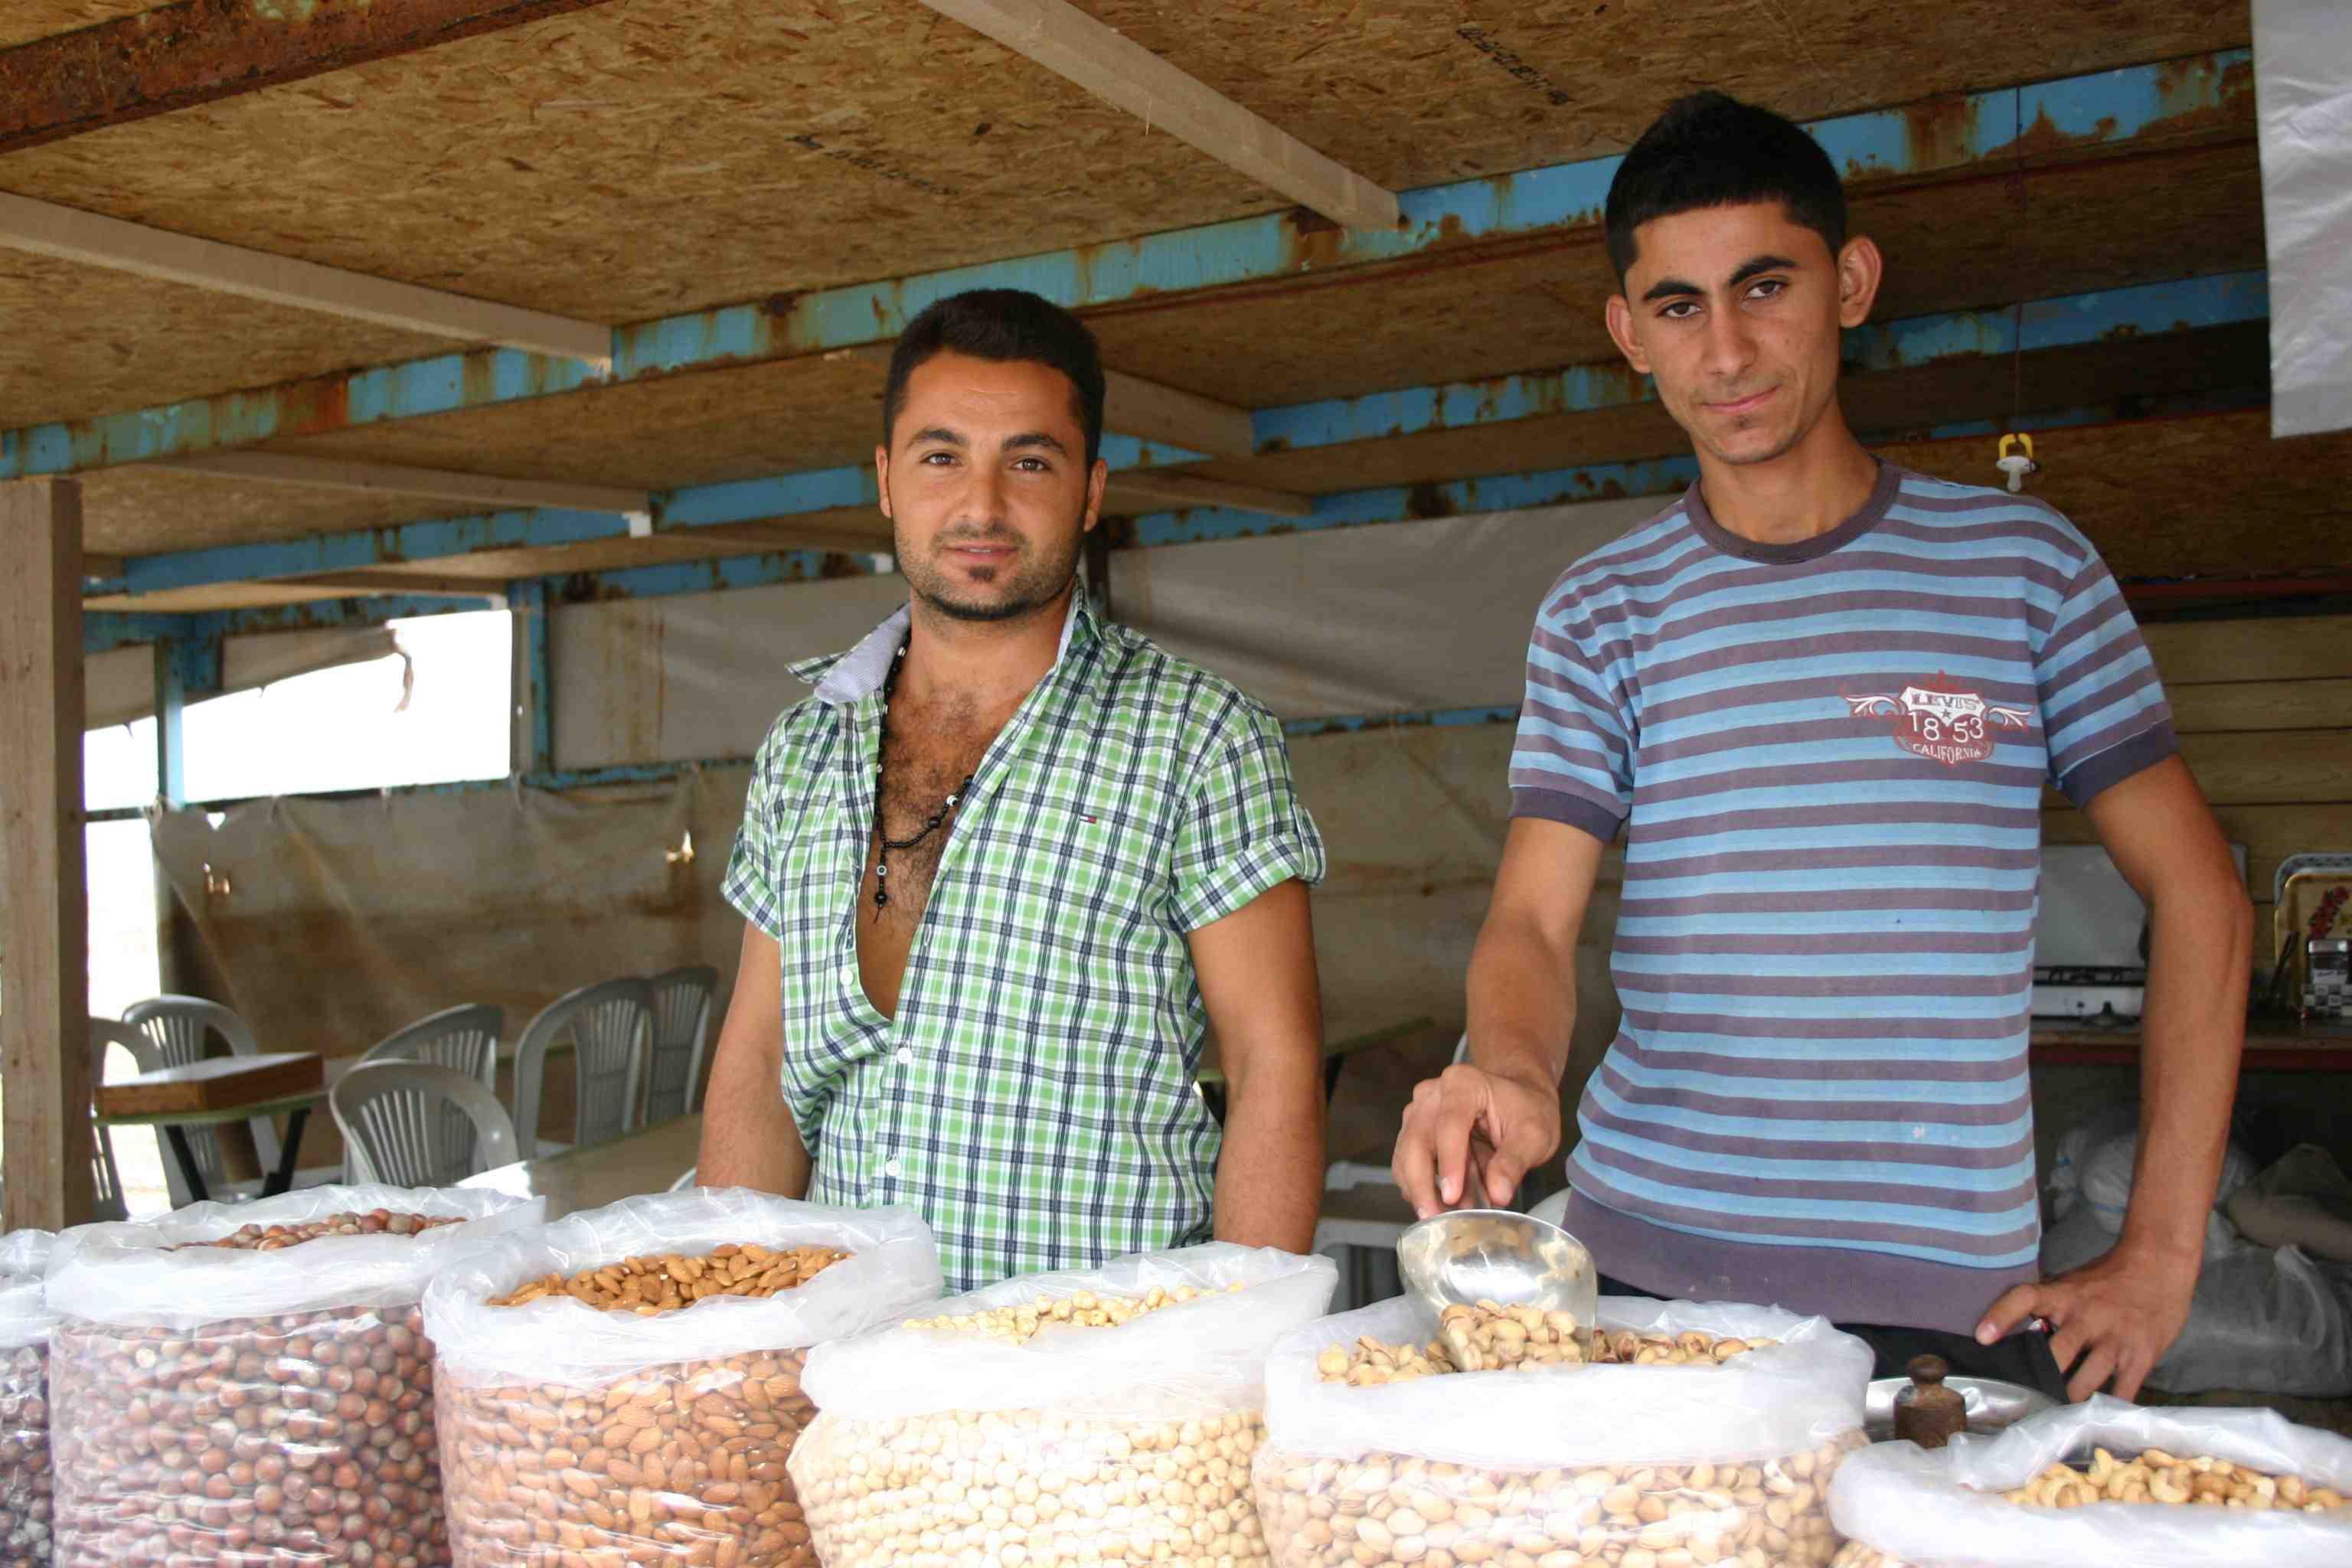 Murabeh (links im Bild) ist der Chef seines Tinnef-Lädchens beim Andreas-Kloster in Norz-Zypern Klosterstand